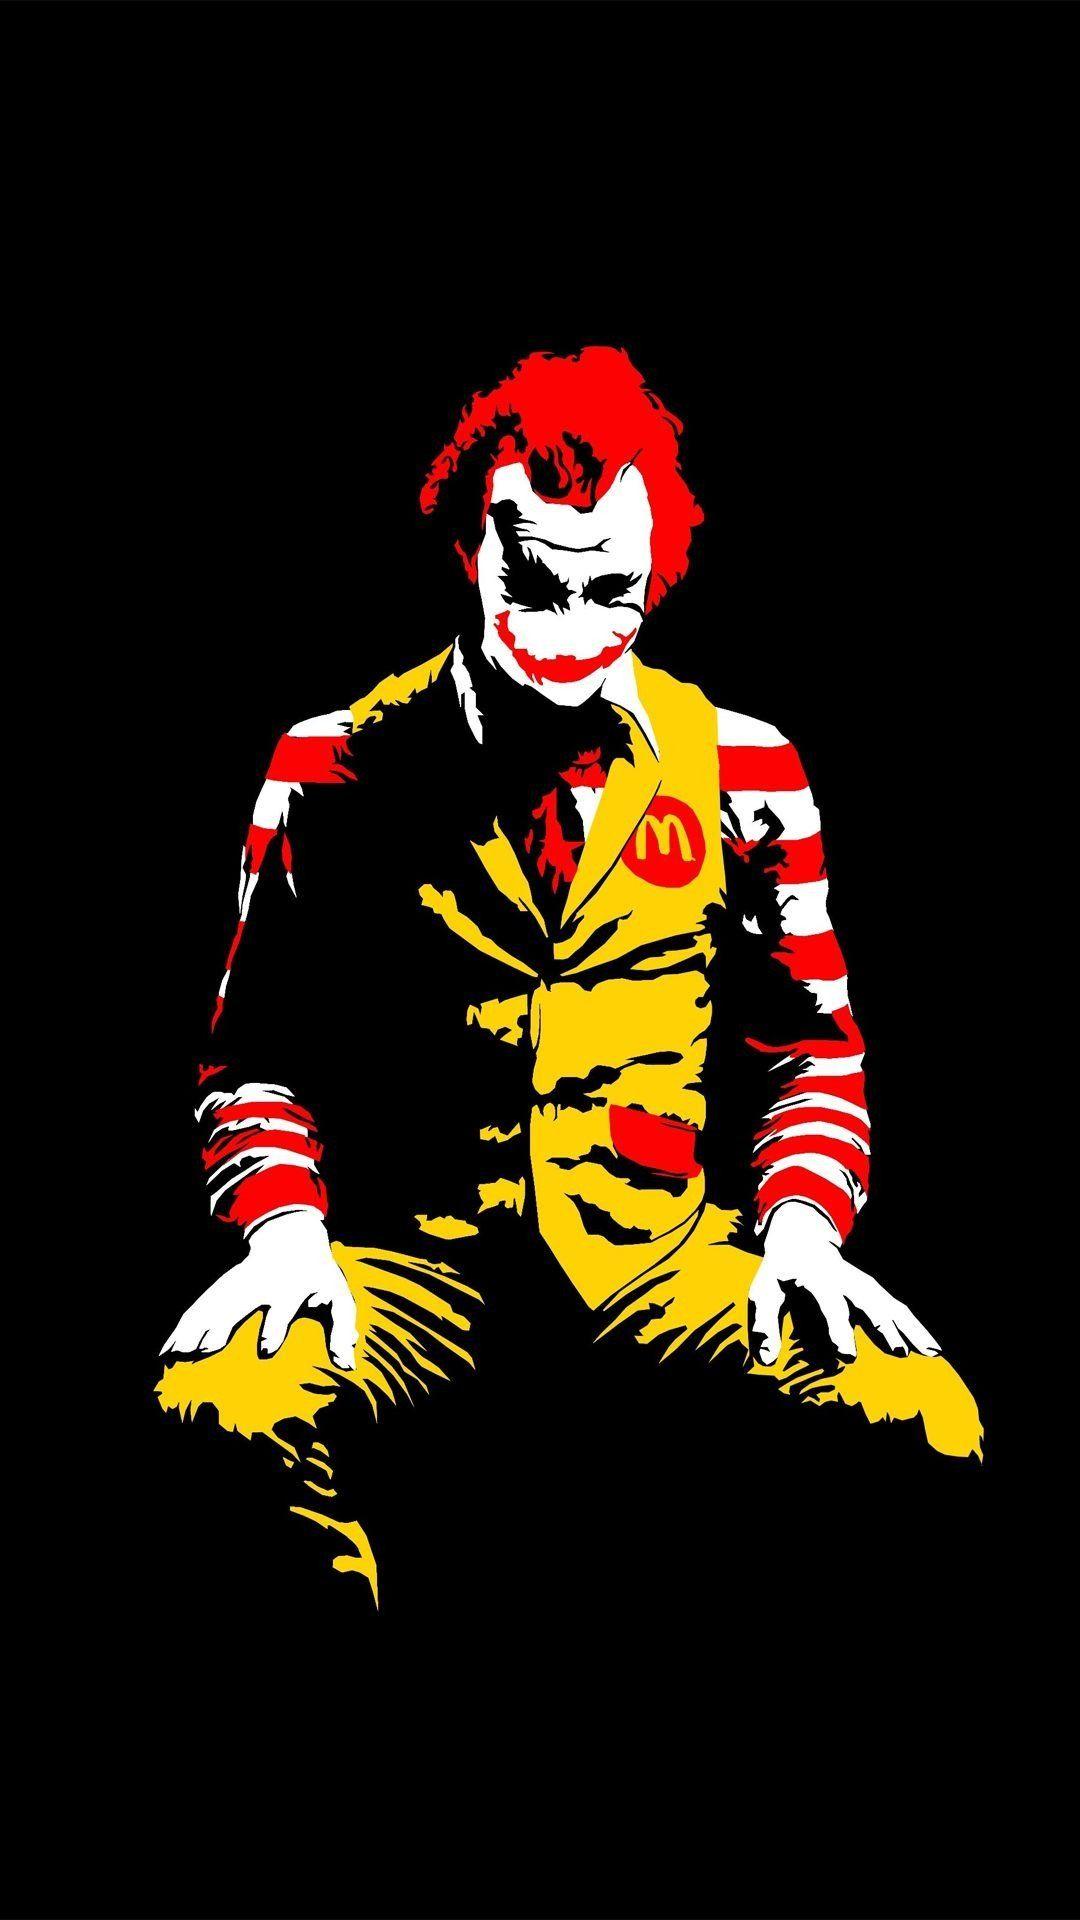 Get Joker Color Wallpaper Png In 2020 Joker Wallpapers Joker Iphone Wallpaper Joker Hd Wallpaper